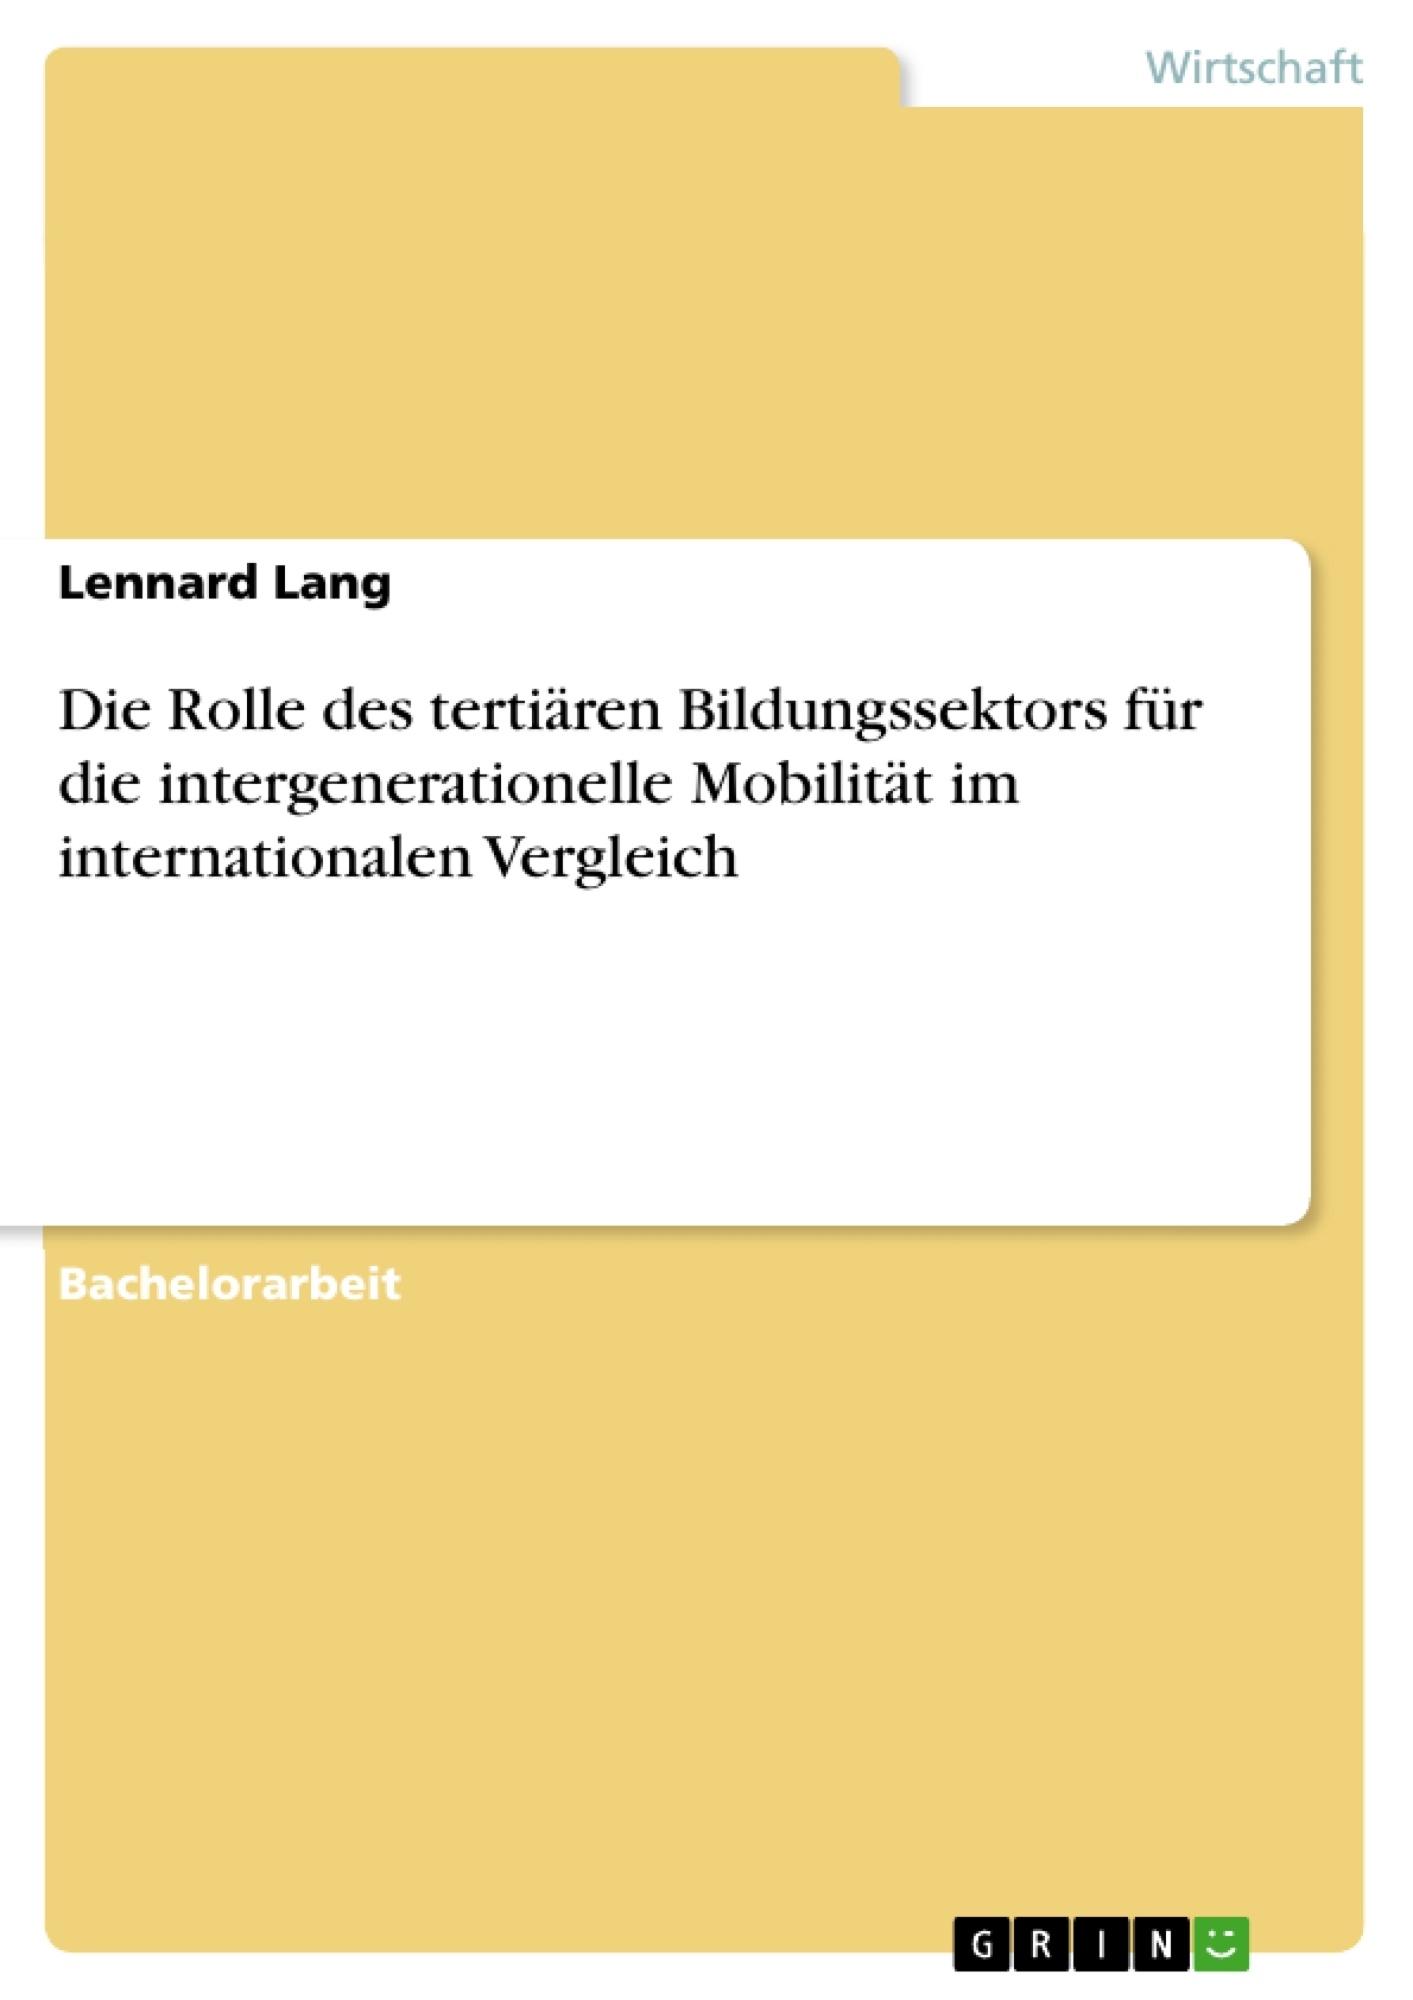 Titel: Die Rolle des tertiären Bildungssektors für die intergenerationelle Mobilität im internationalen Vergleich